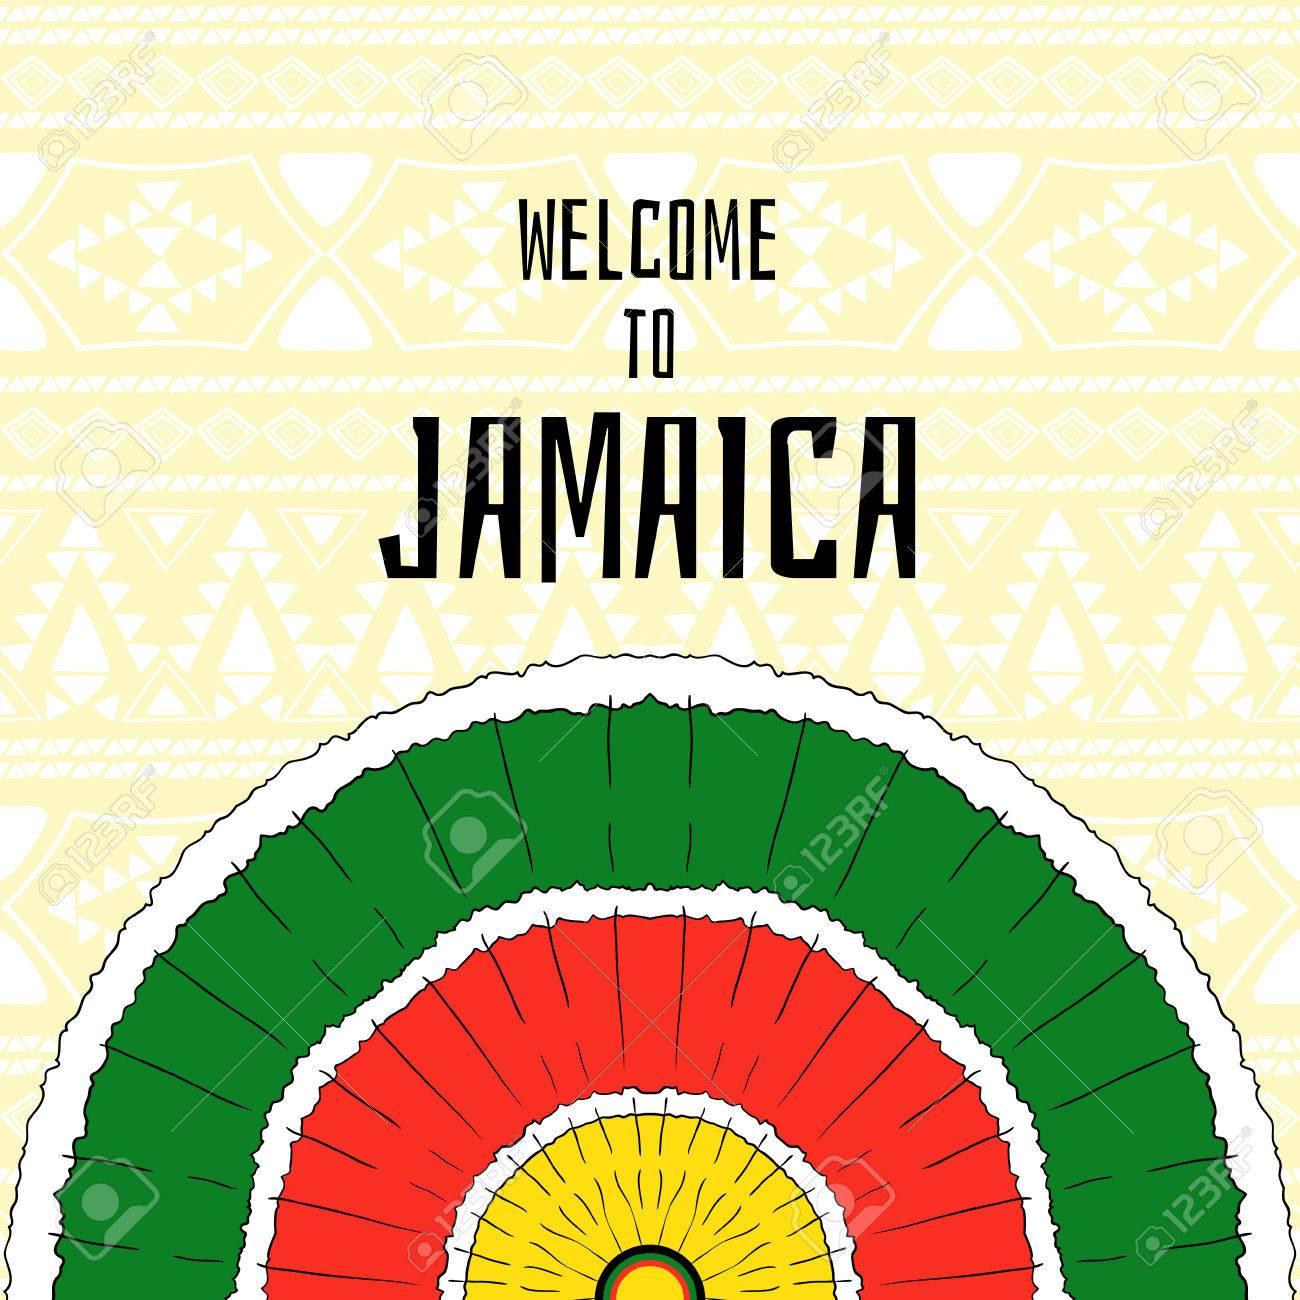 """Résultat de recherche d'images pour """"welcome to jamaica"""""""